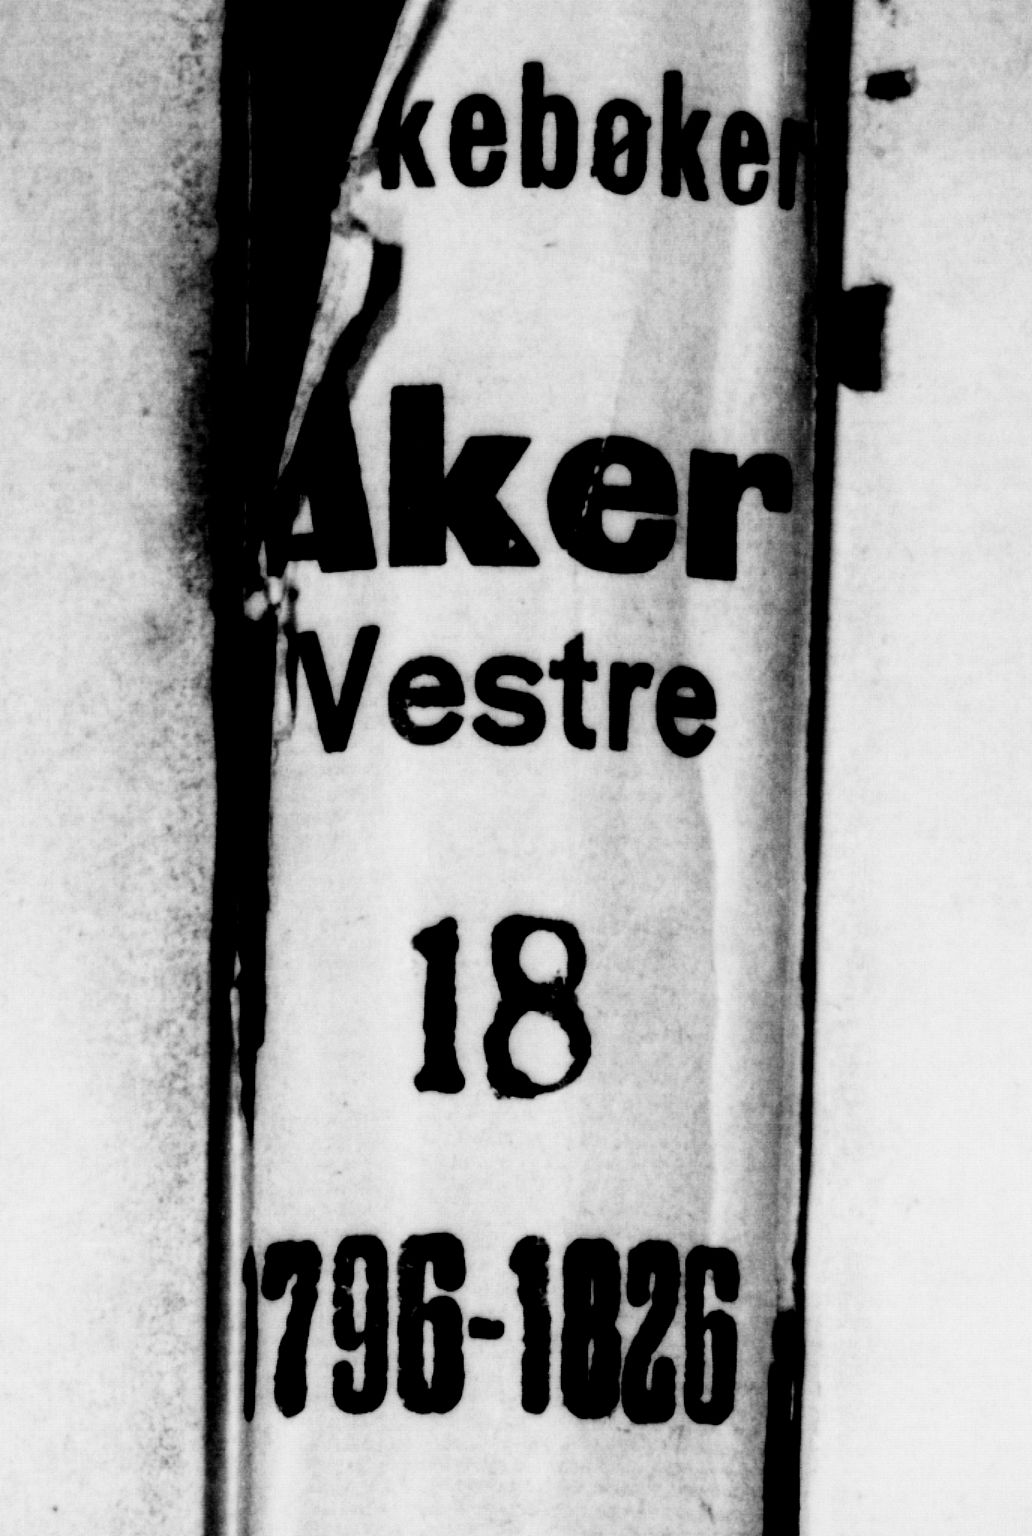 SAO, Aker prestekontor kirkebøker, G/L0001: Klokkerbok nr. 1, 1796-1826